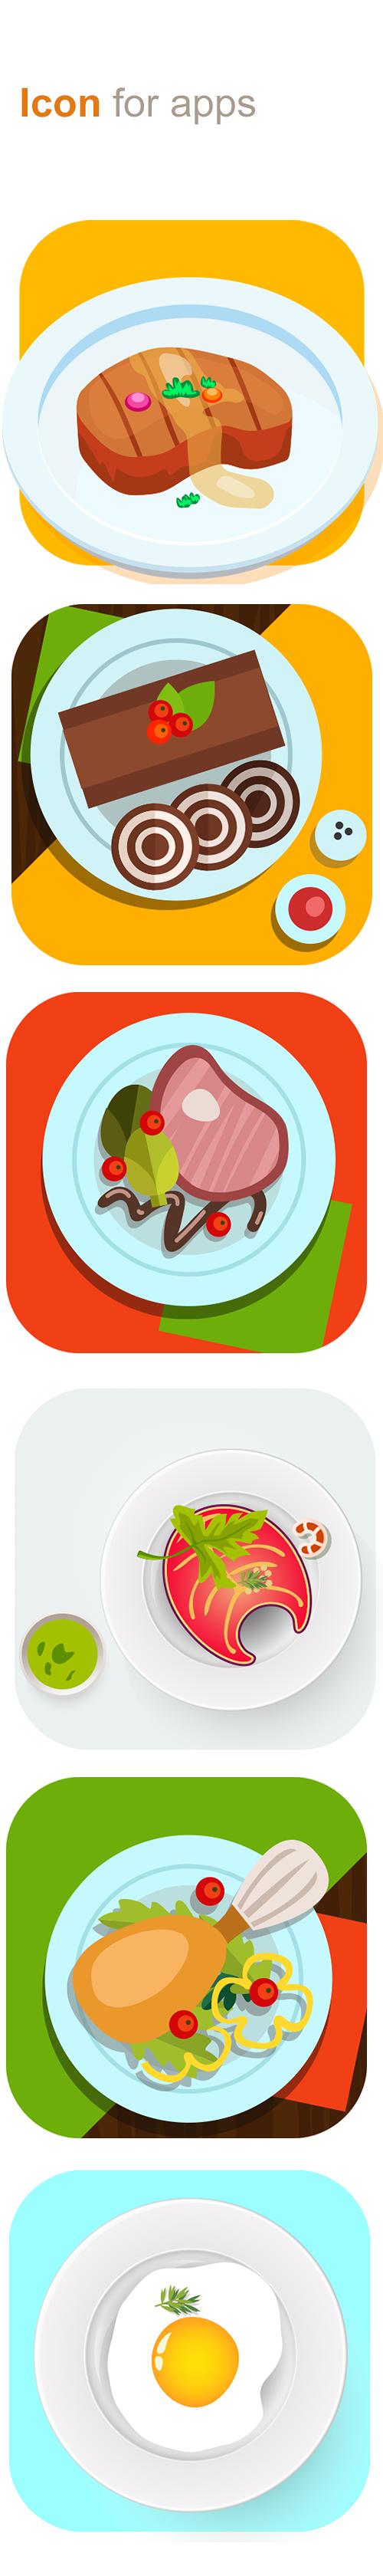 ايقونة لتطبيق فن الطبخ